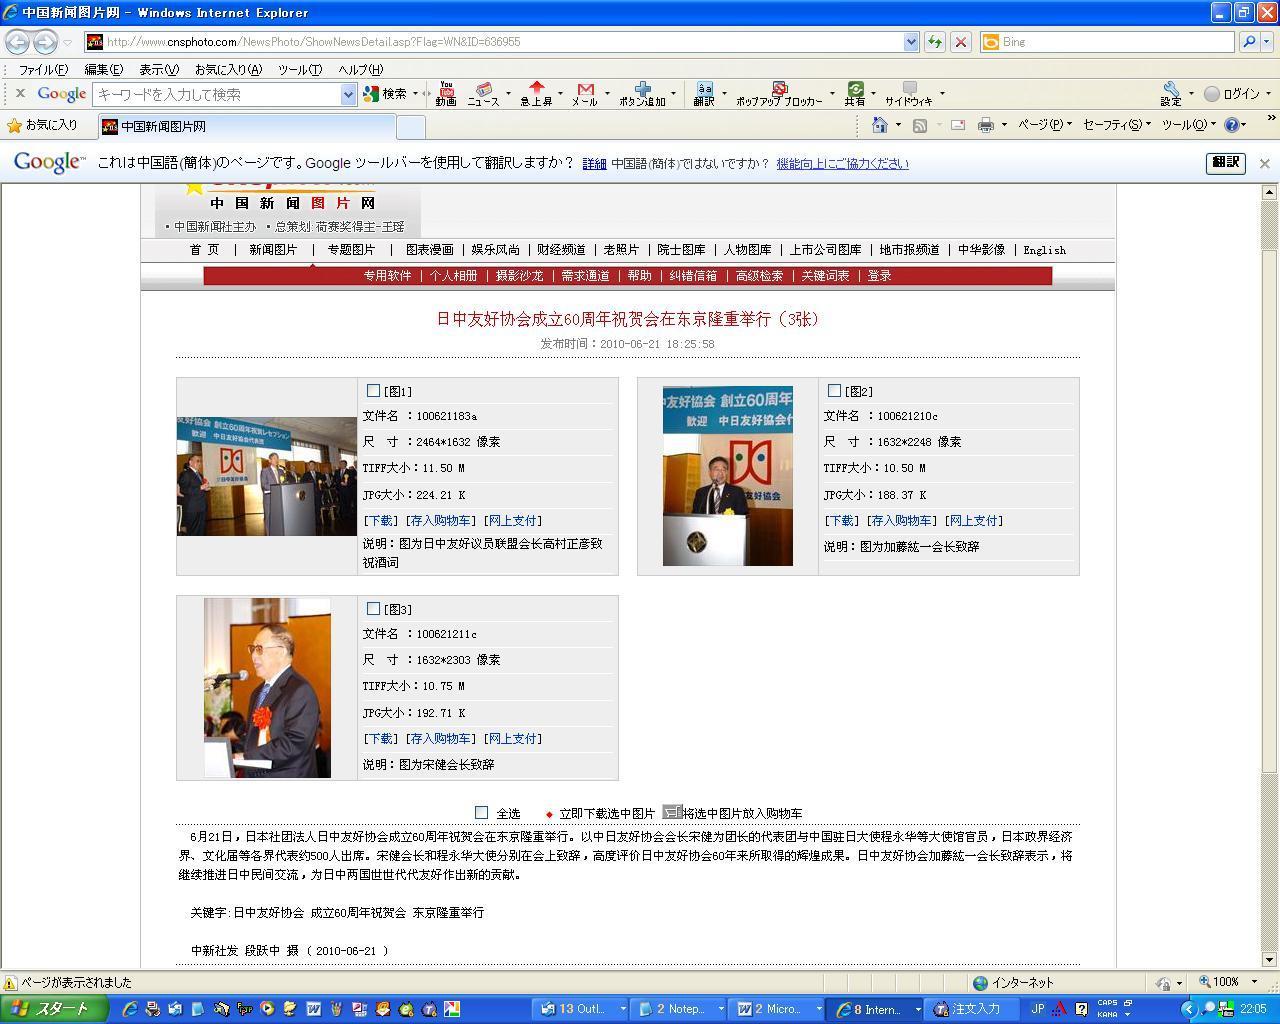 日中友好協会60周年紀念会の写真3枚 中国新聞社より配信された_d0027795_2262018.jpg